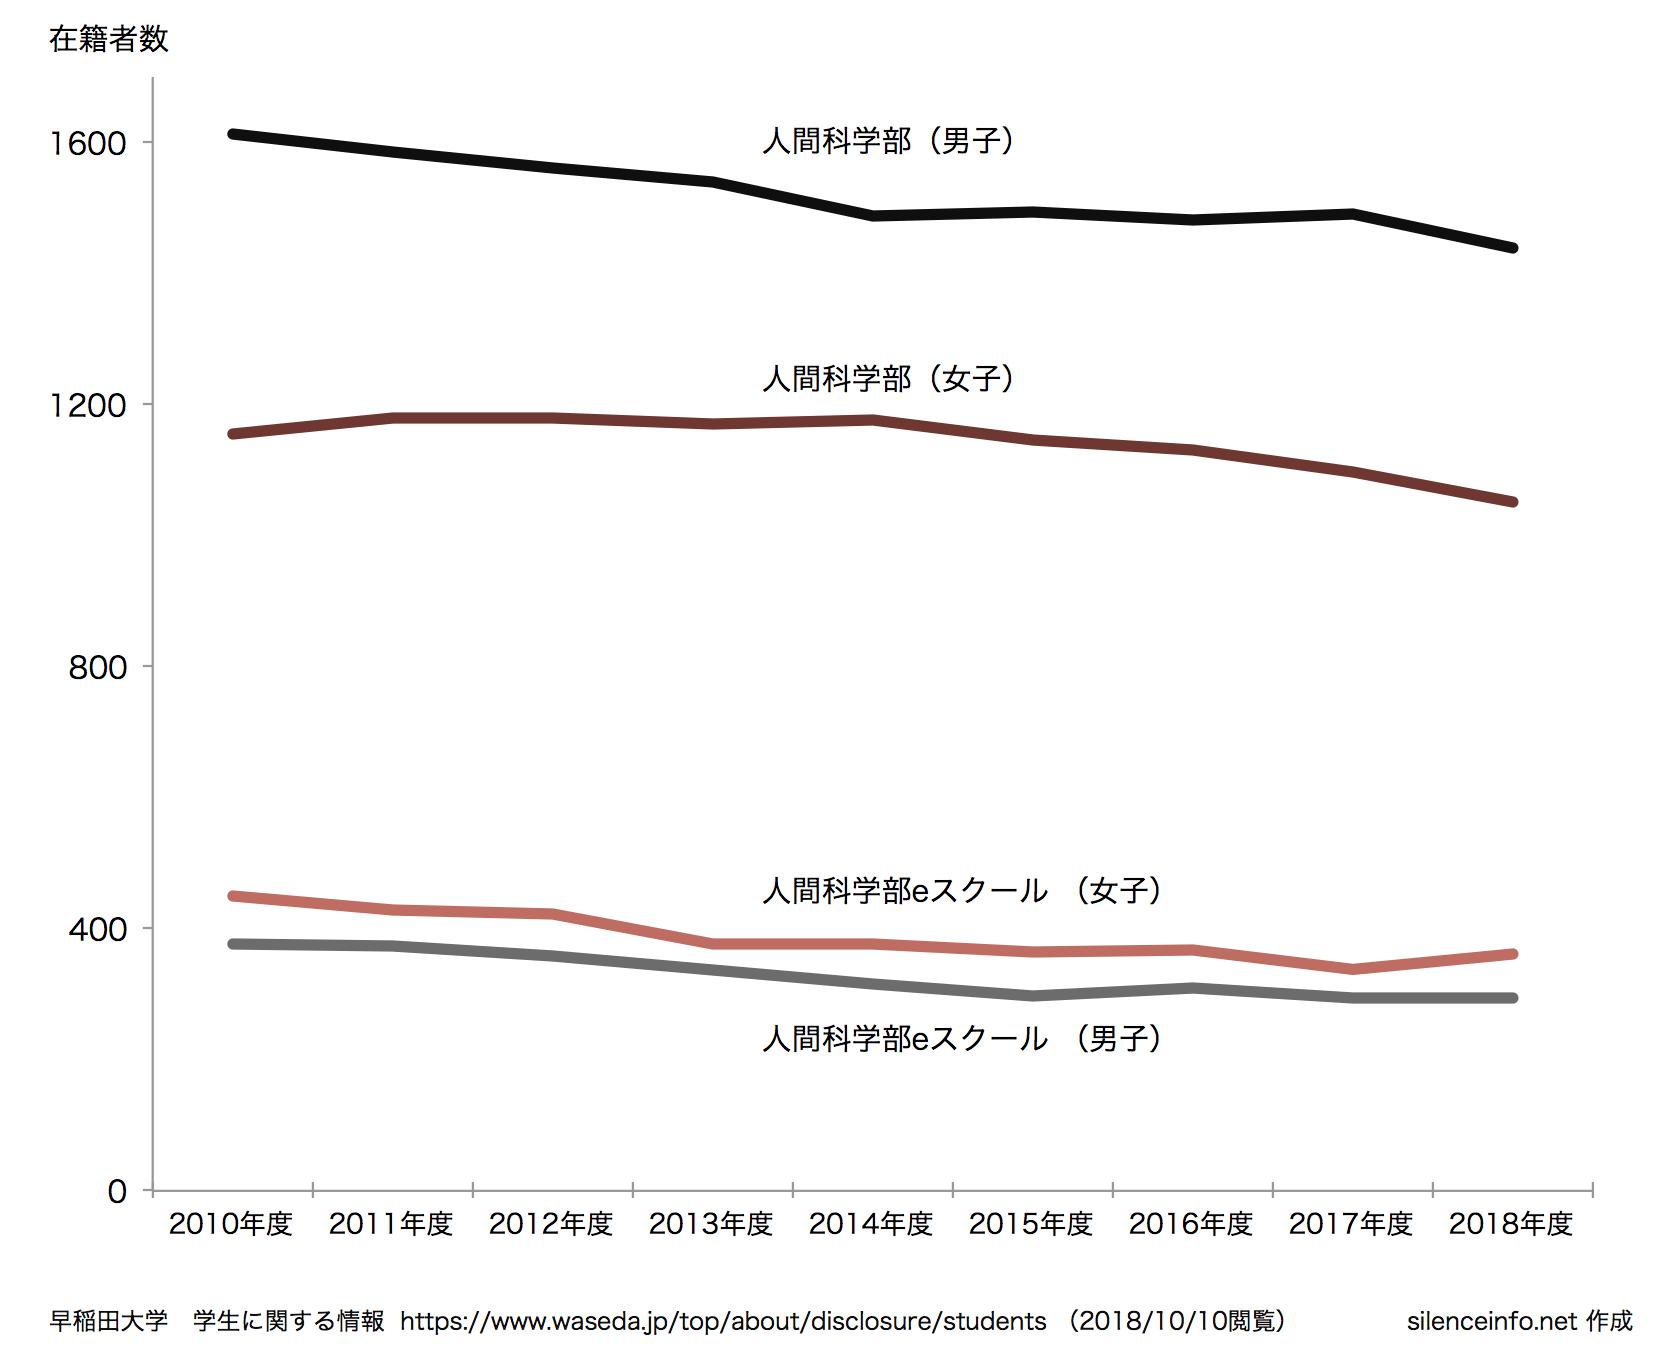 早稲田大学人間科学部eスクール 在籍者数の推移を示したグラフ